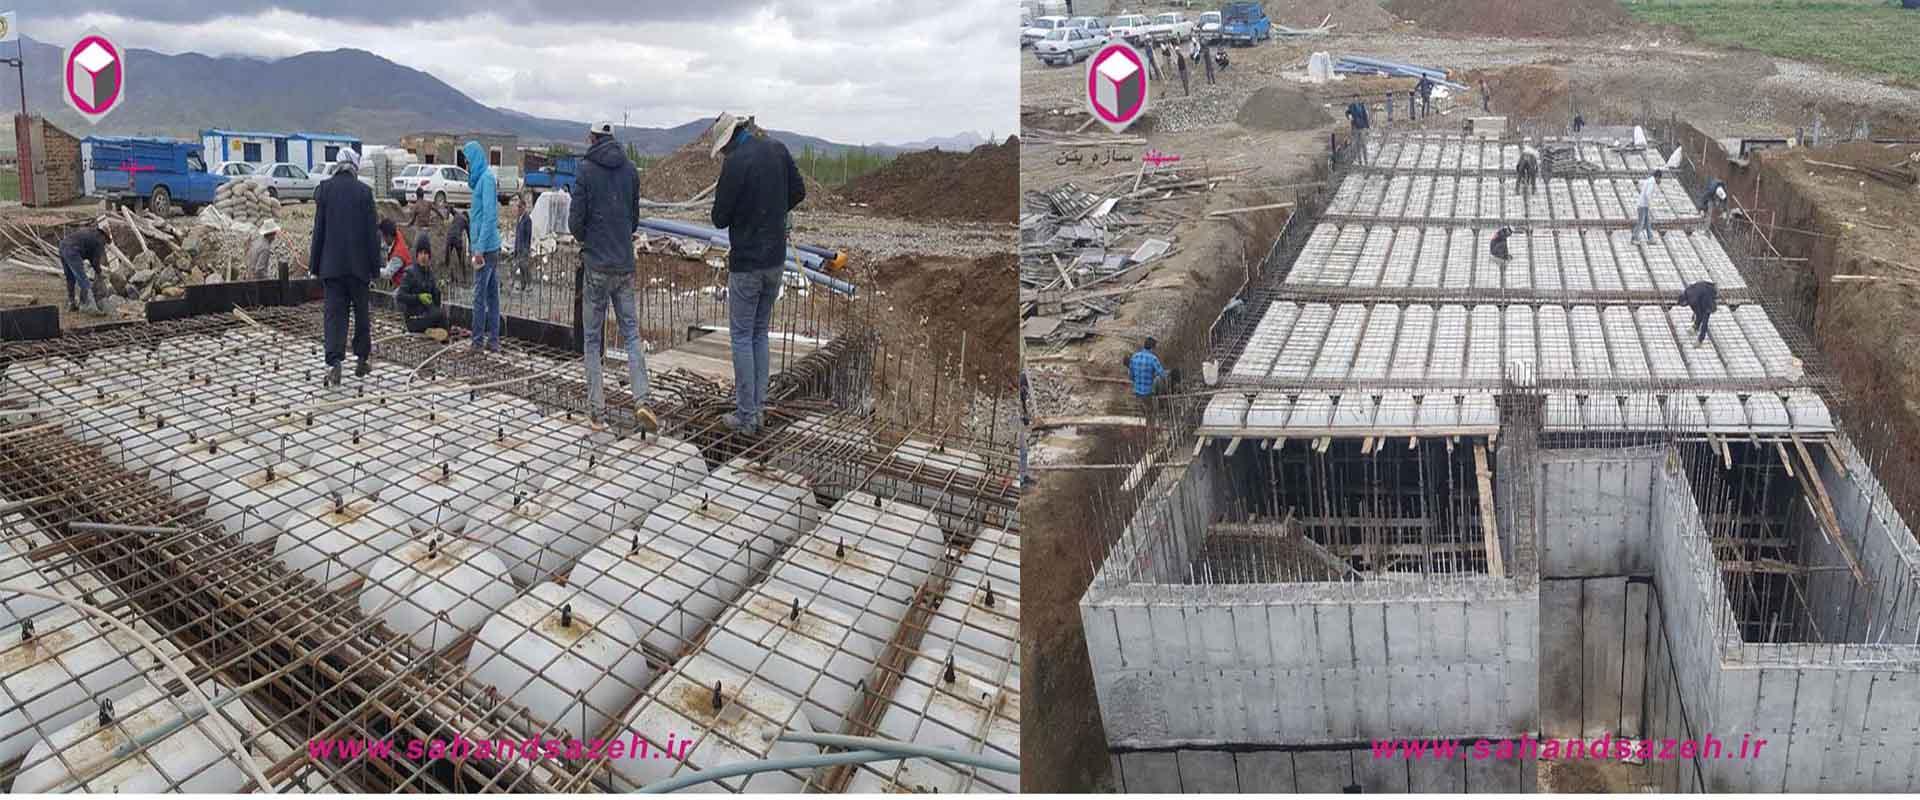 پروژه اجرایی سقف وافل پاک نوش ارومیه